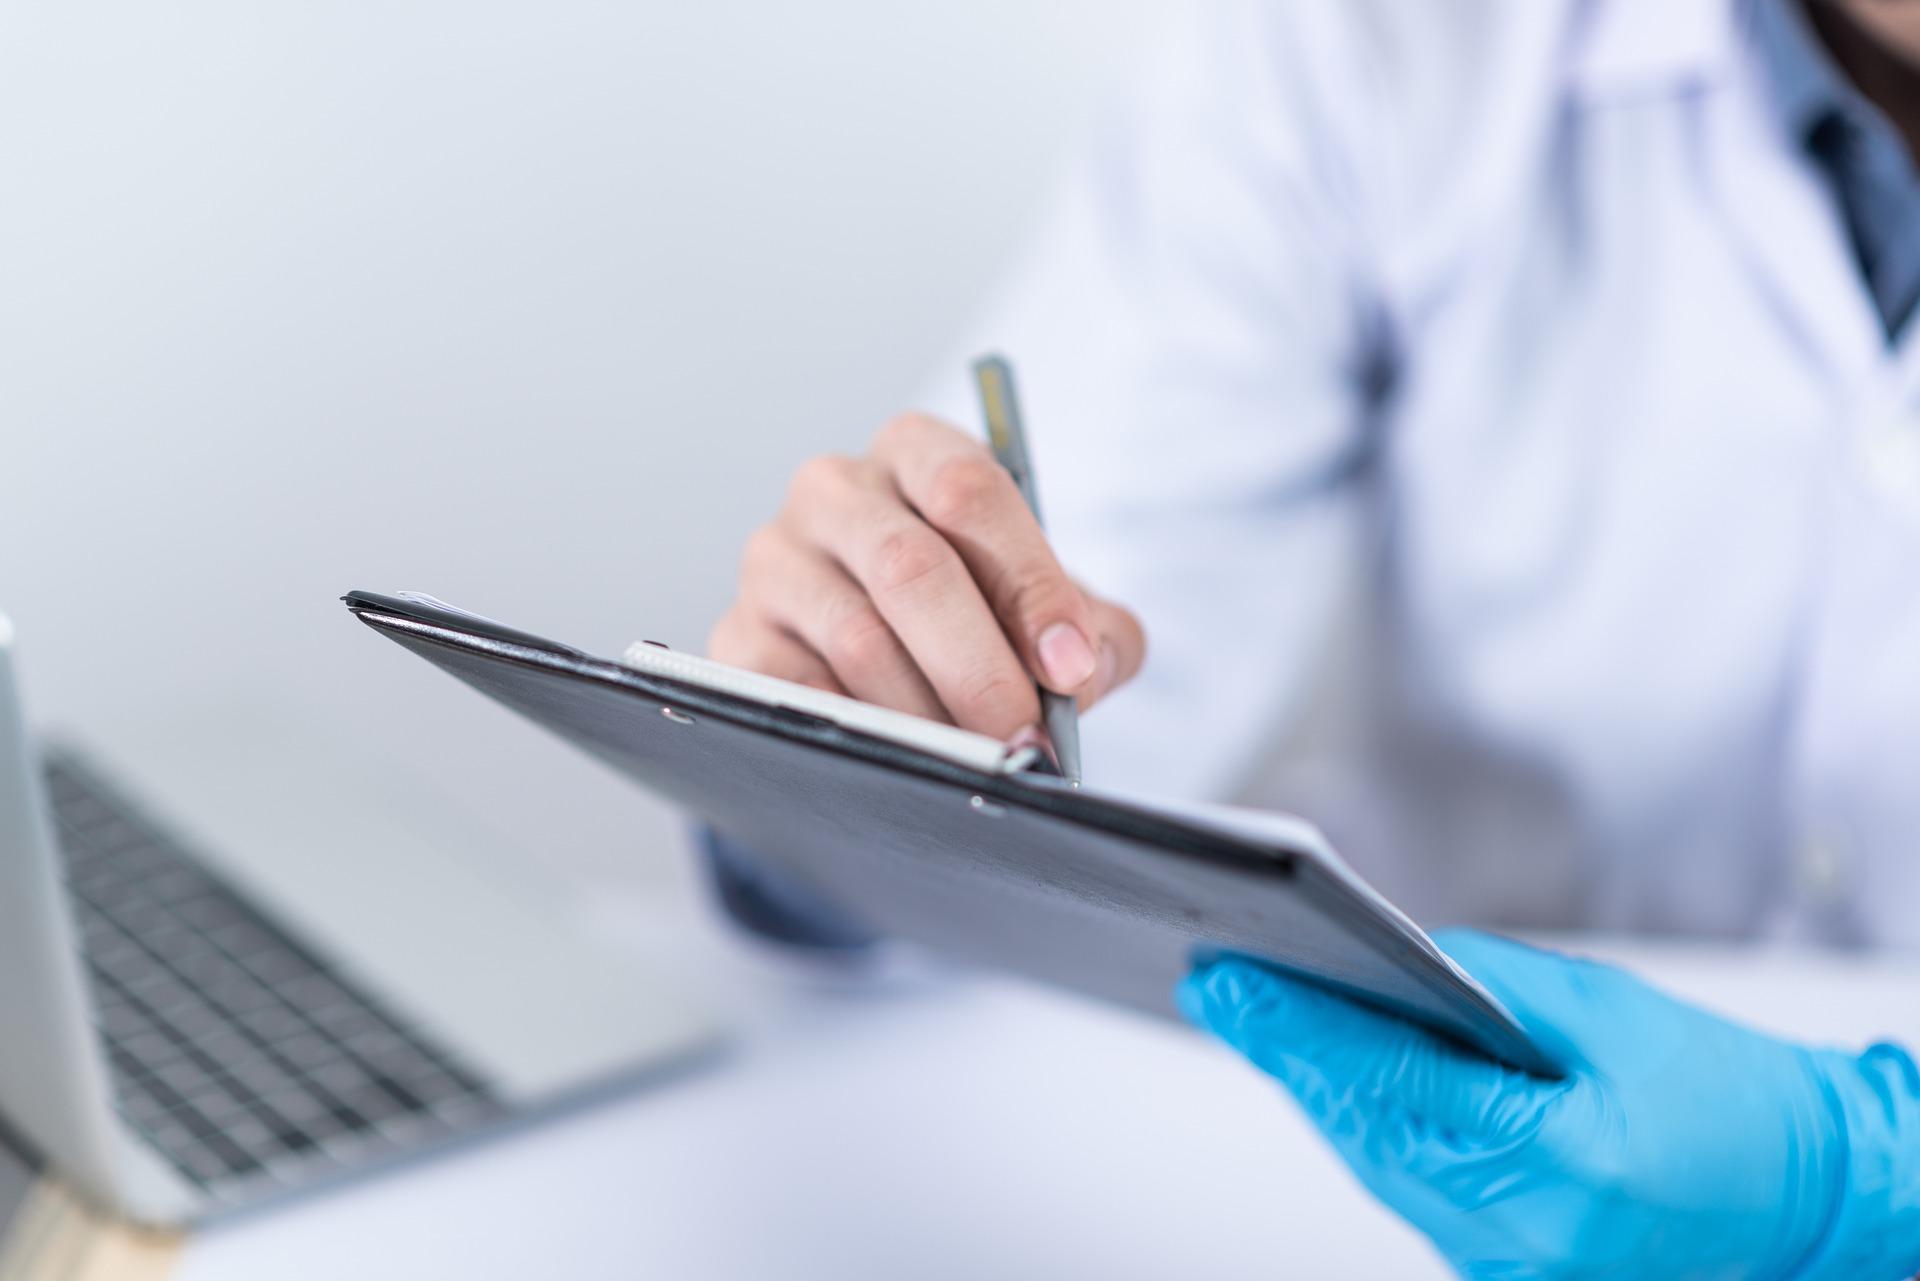 Ankieta kwalifikująca do szczepień zostanie uproszczona